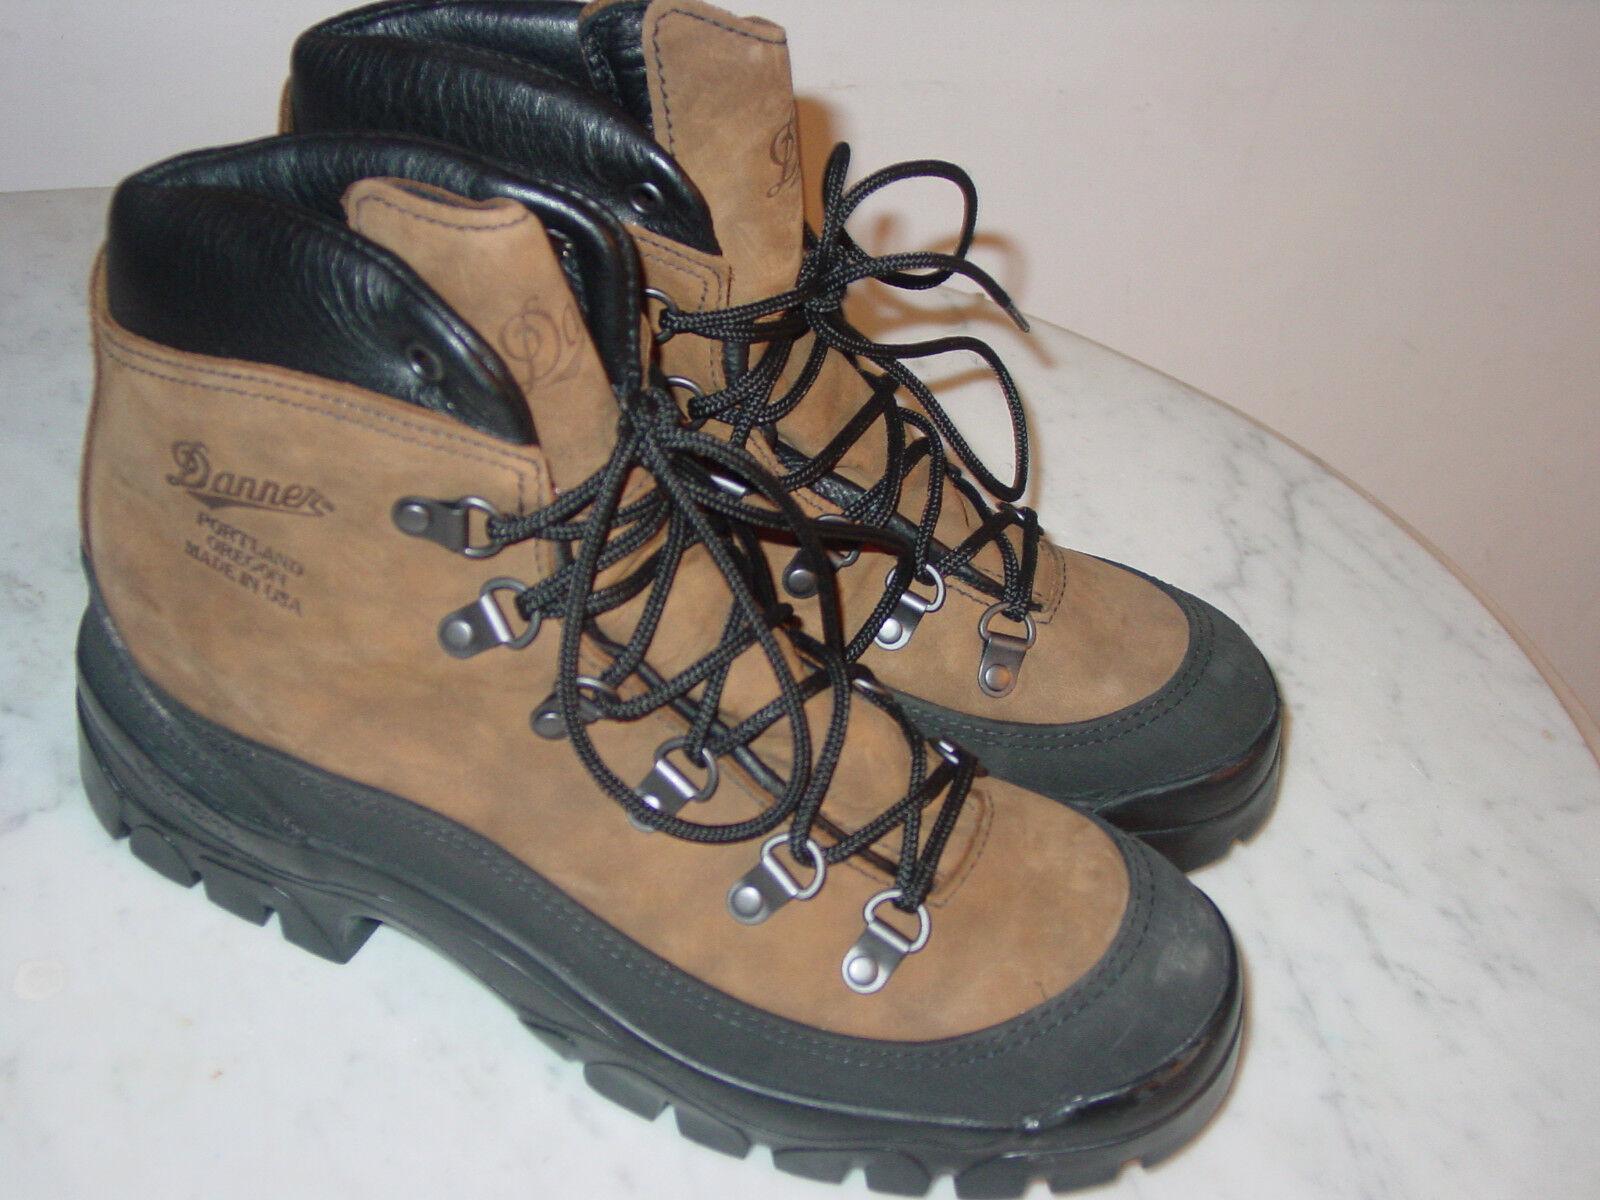 2010 fuerzas especiales para Excursionista Danner Combate Cuero 43513X tamaño 8.5R botas